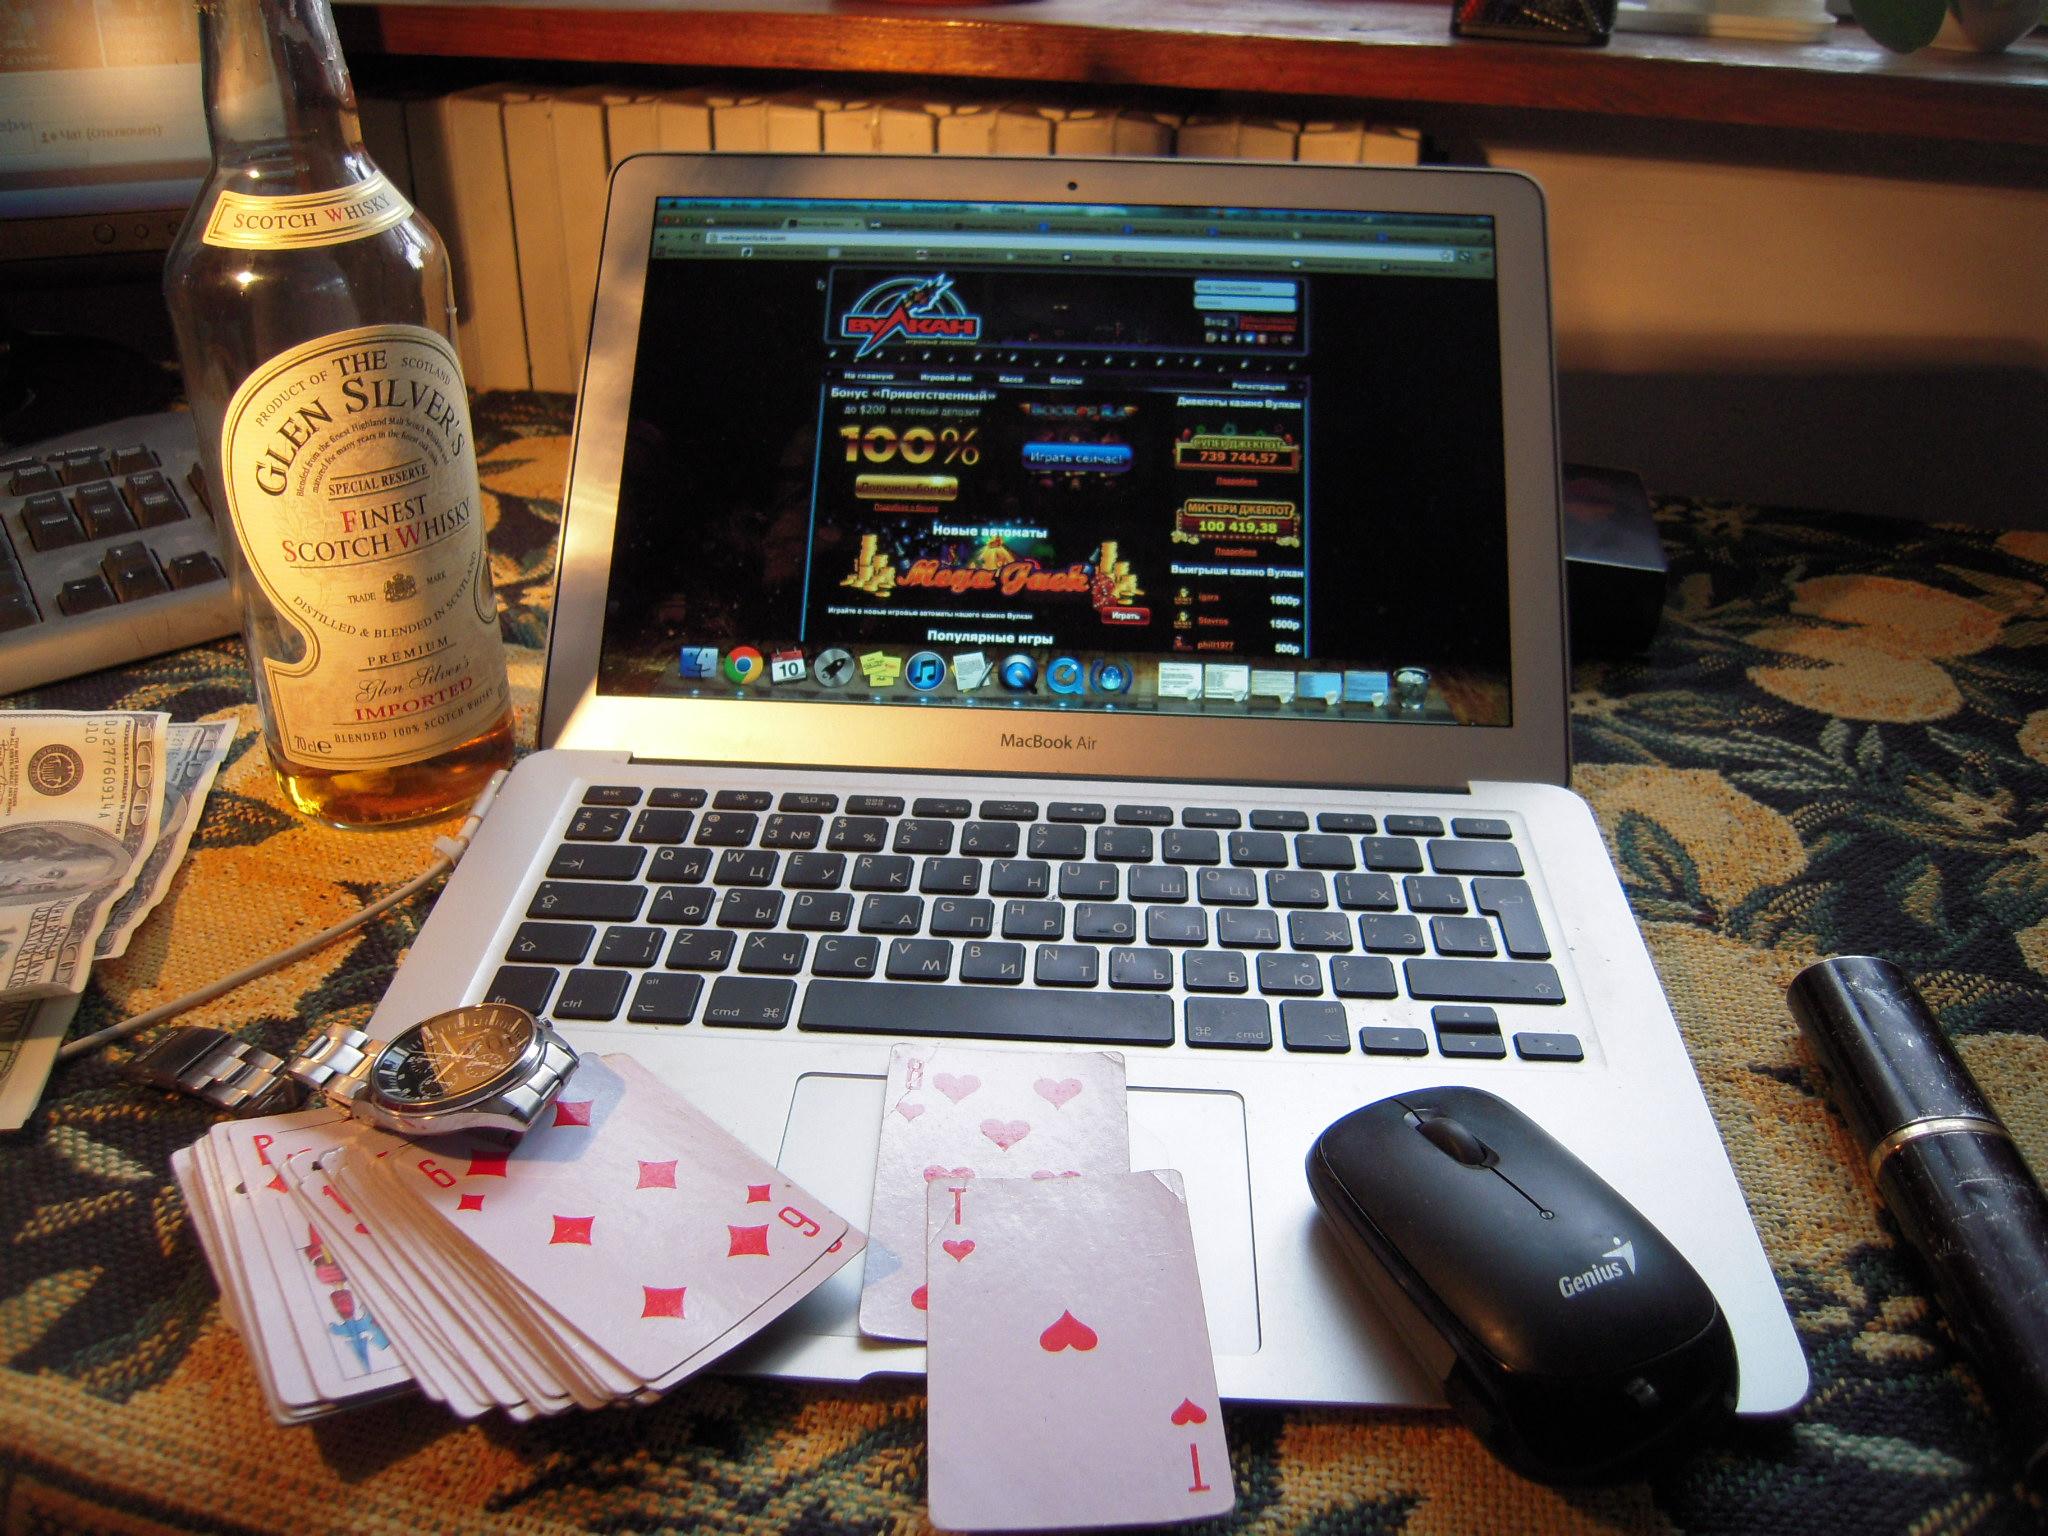 Вулкан казино с быстрым выводом денег играть пасьянс карты бесплатно онлайн